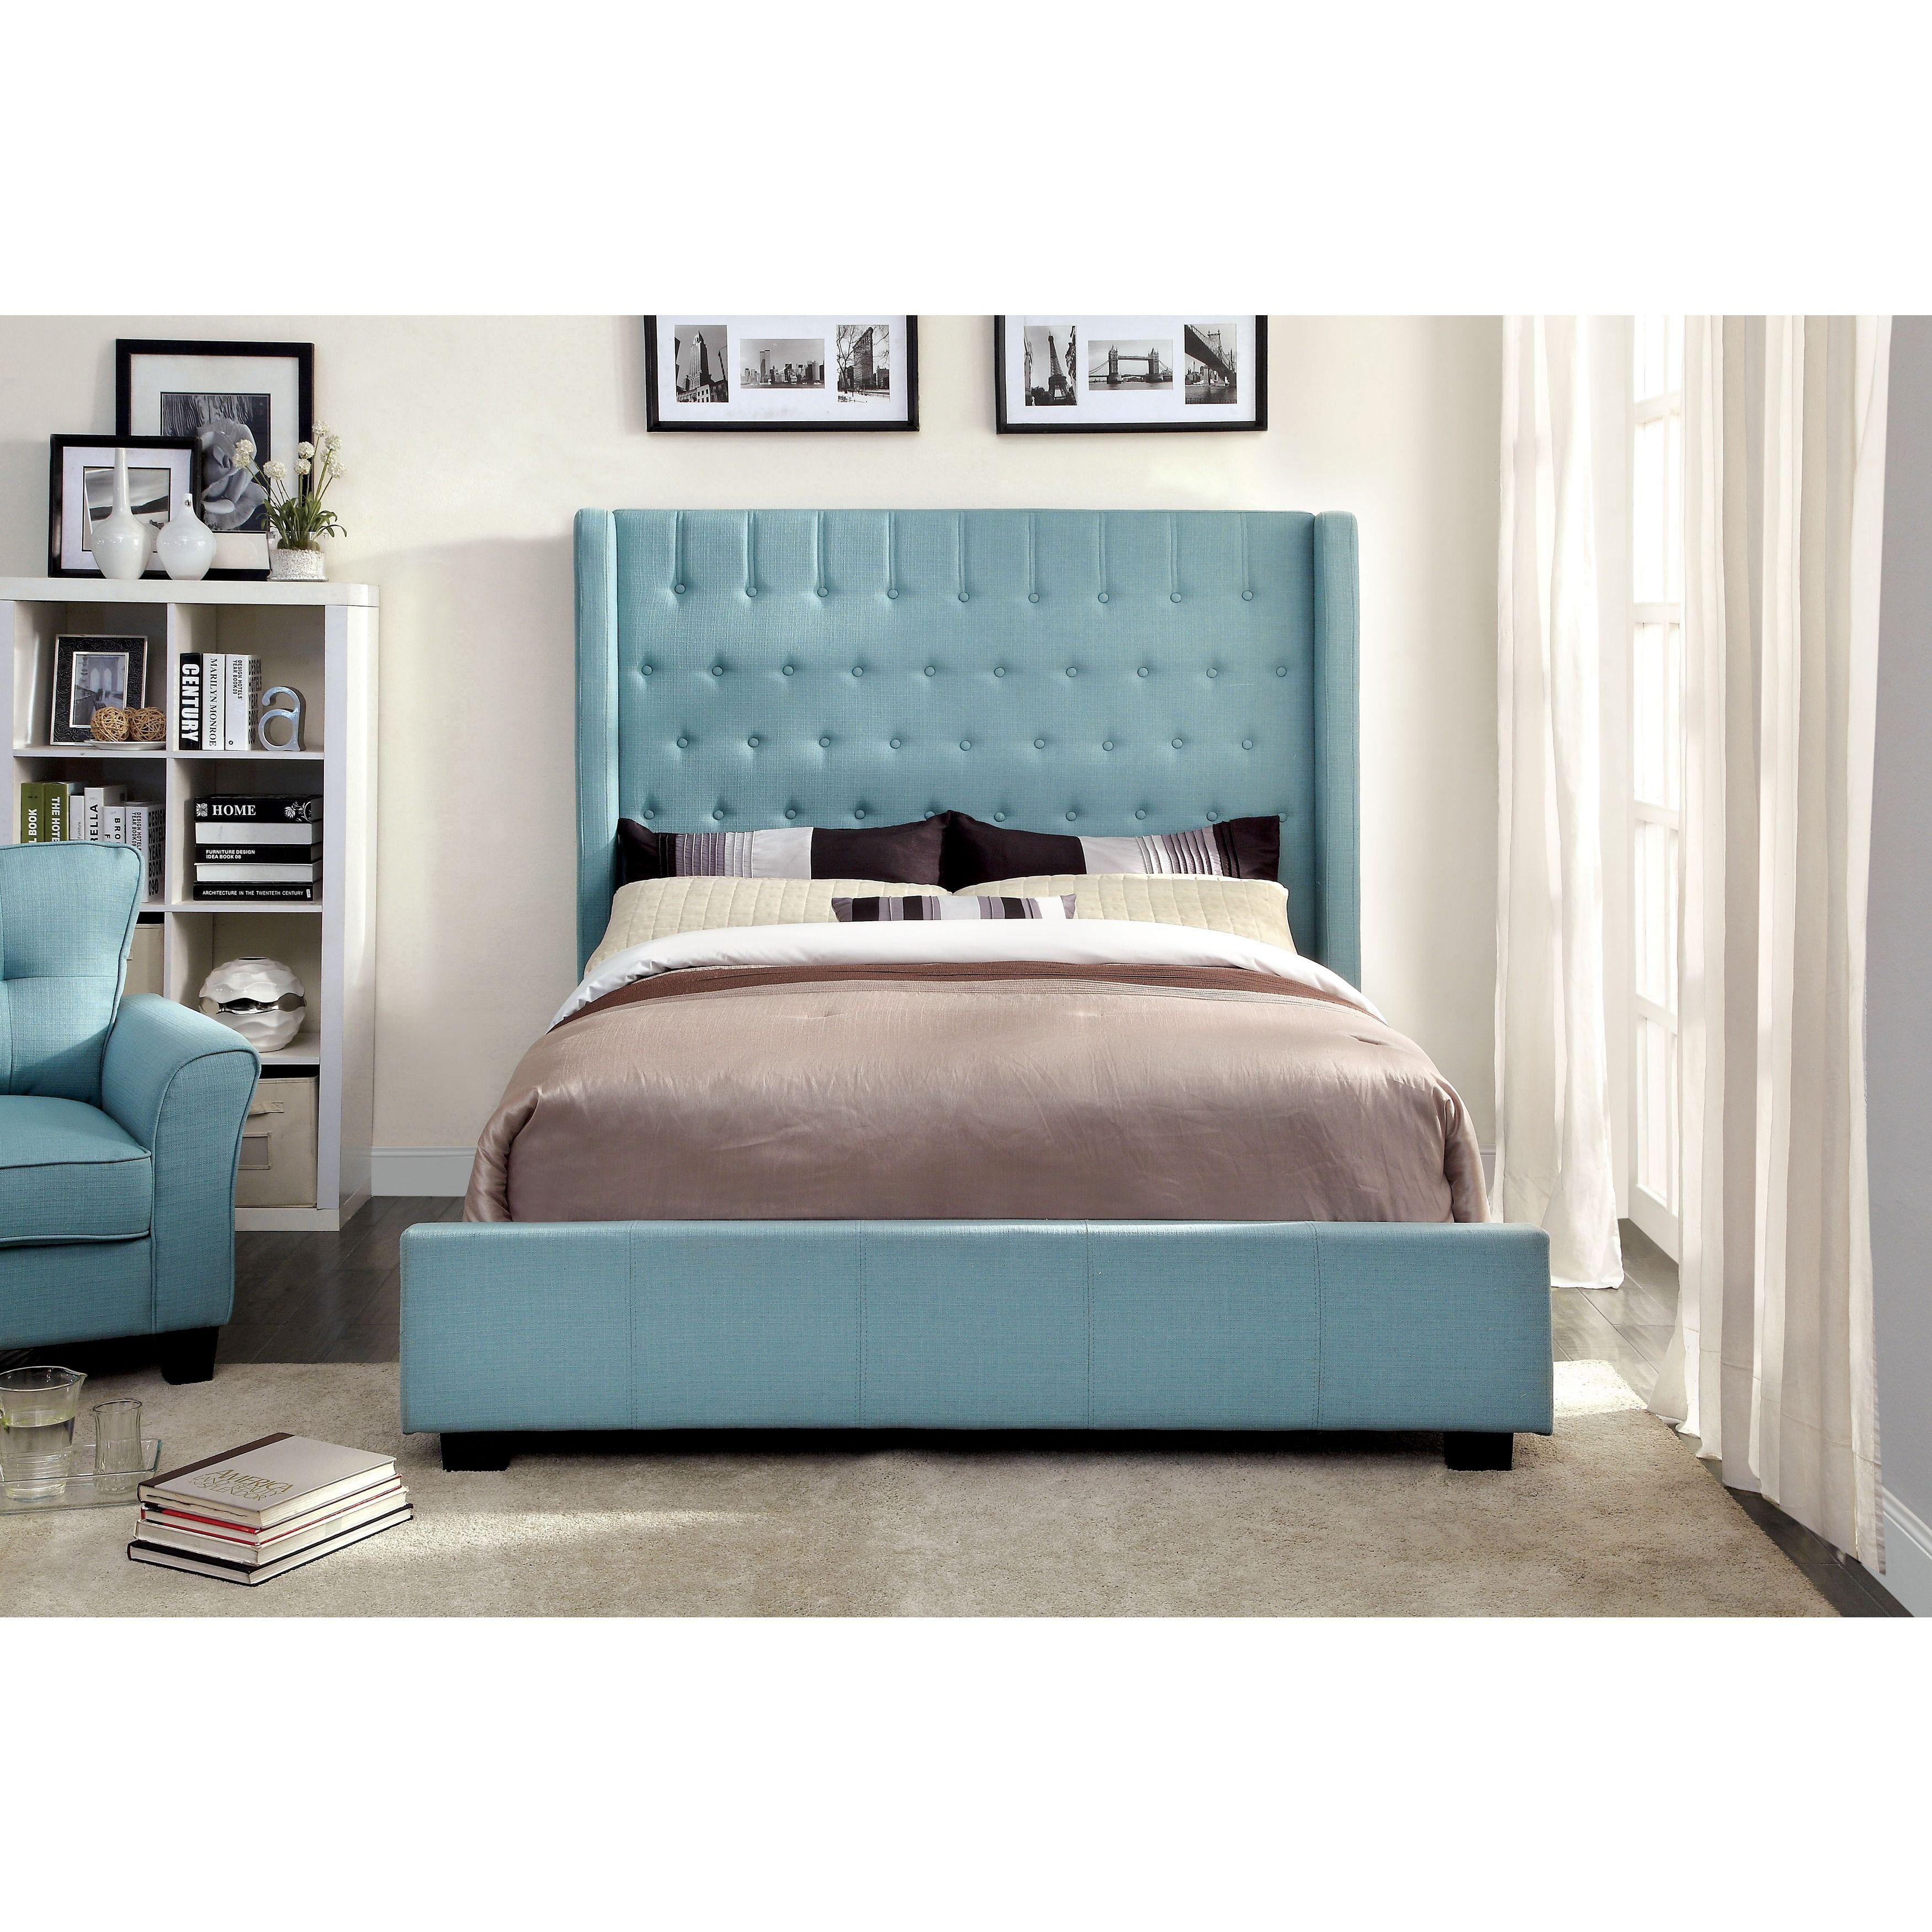 Furniture of America Carmella Wingback Low-profile Bed (Silver ...